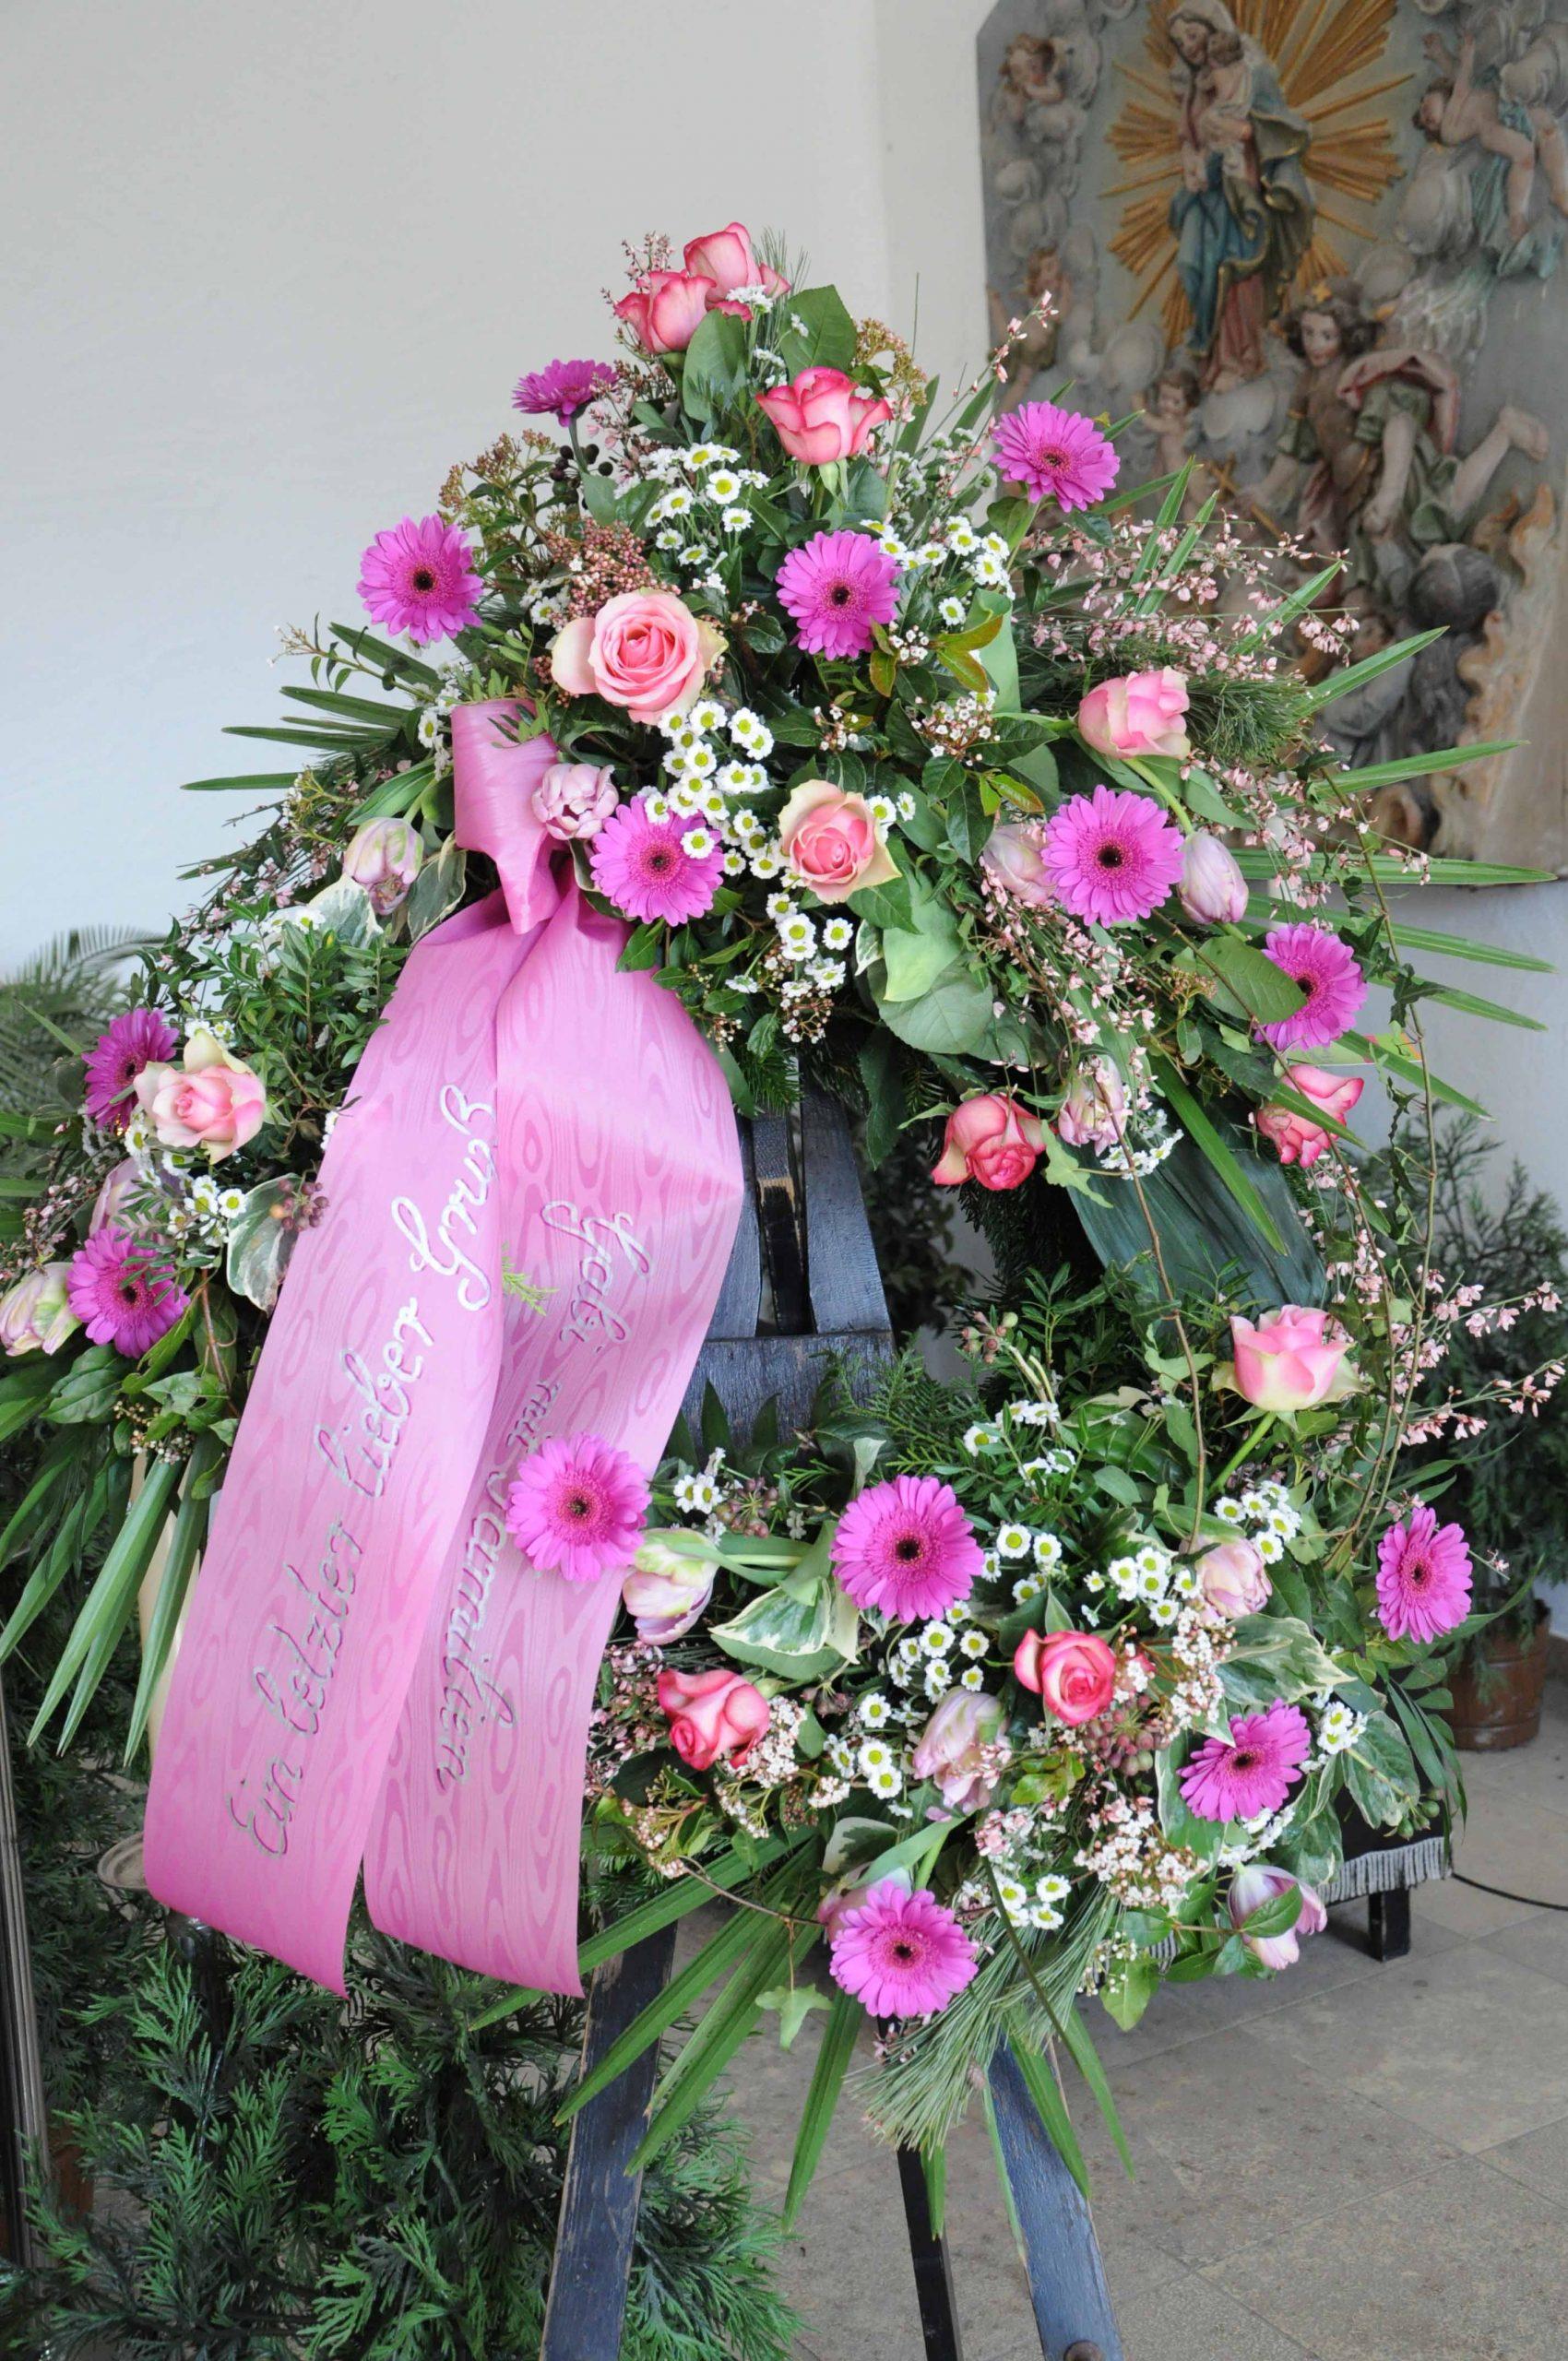 33 Trauerkranz mit Garnierung an drei Stellen in Rosa-weiß